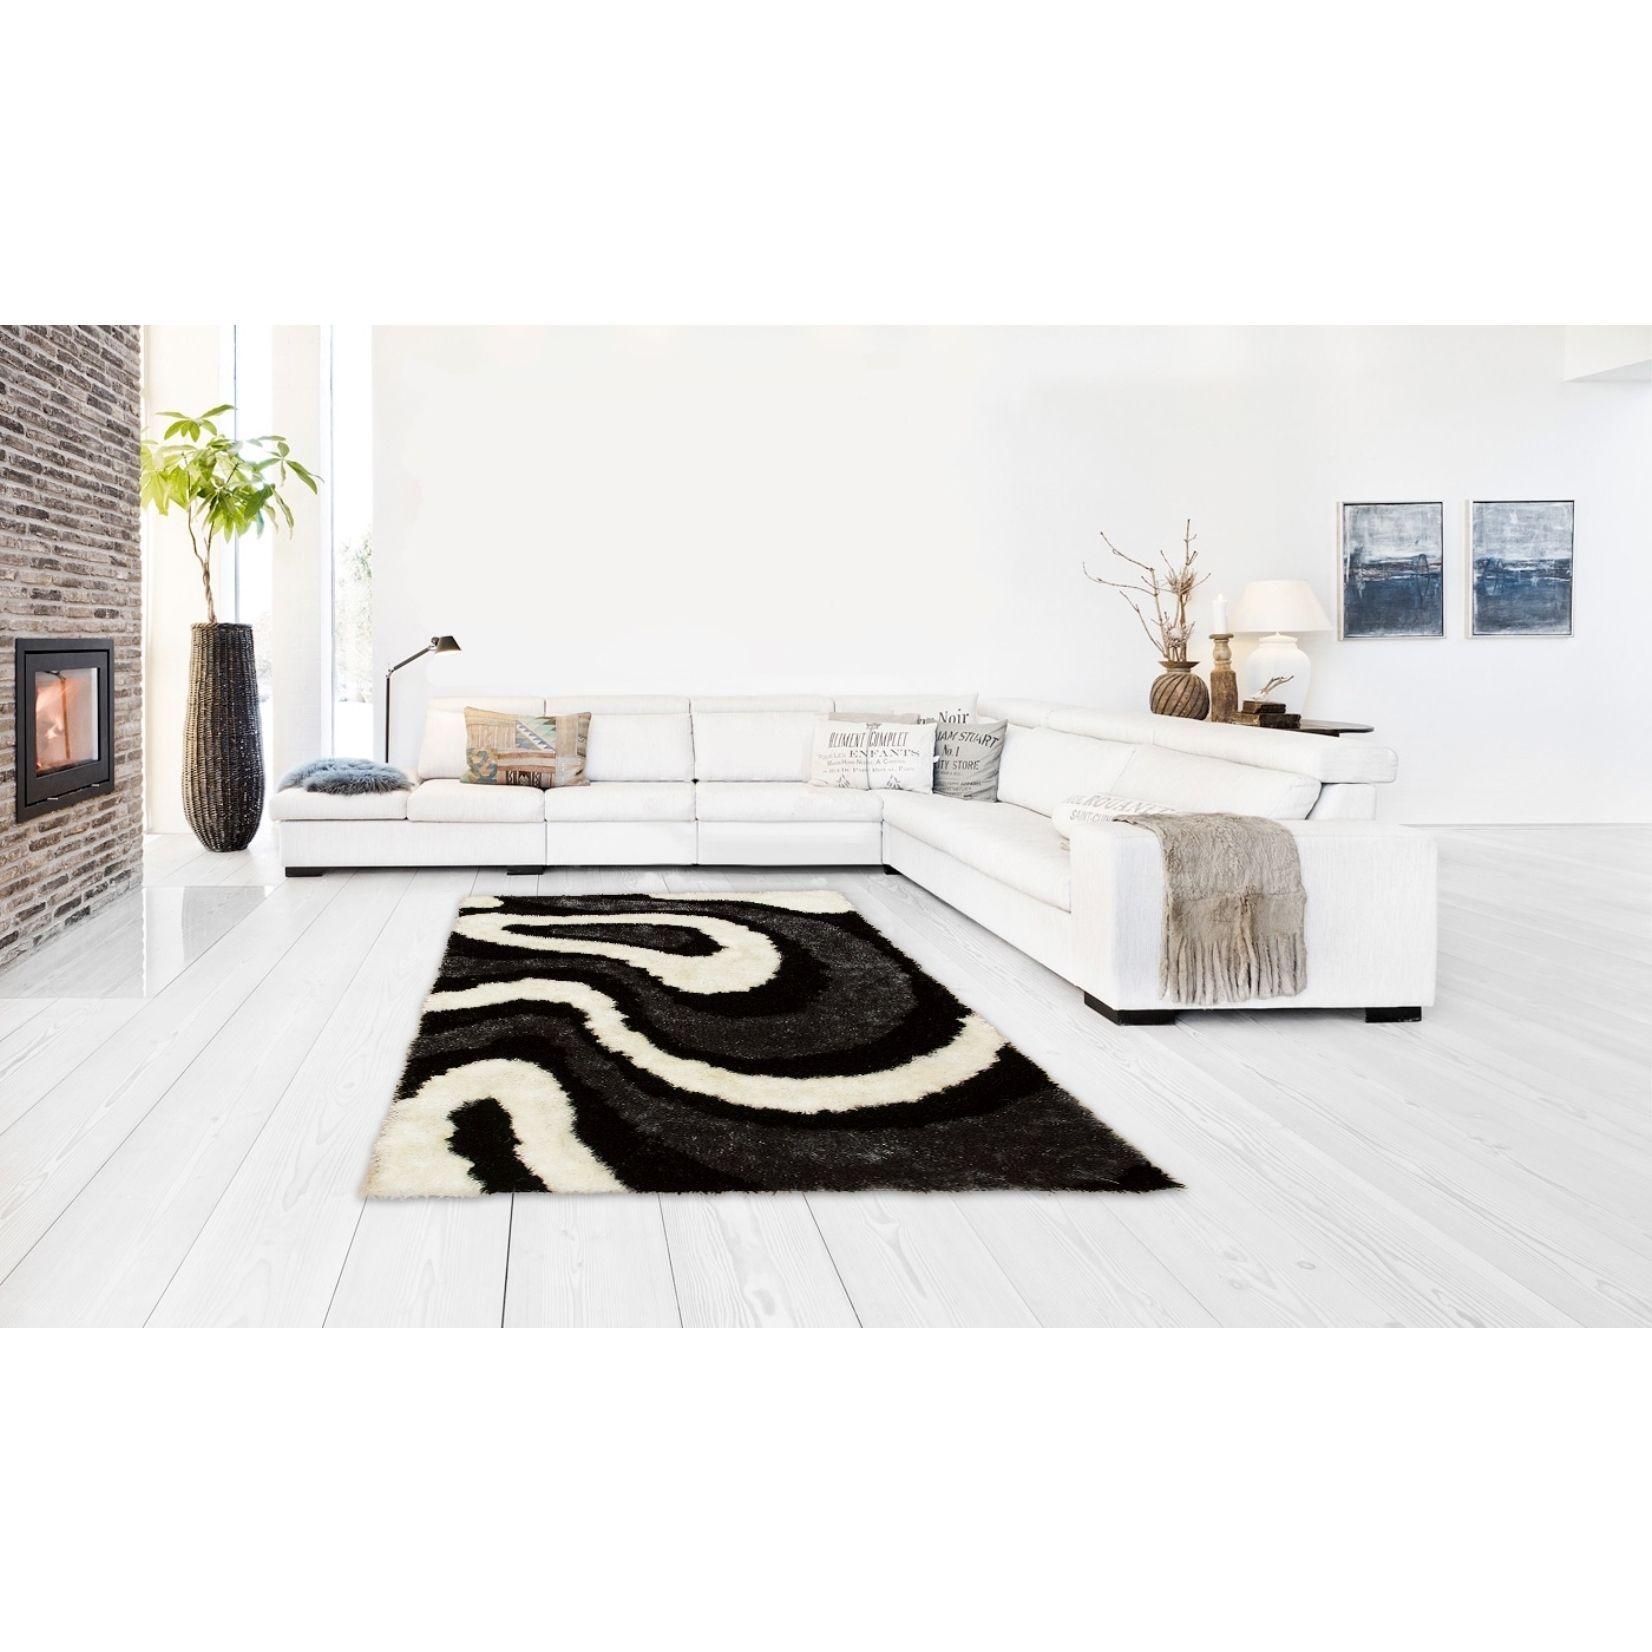 Lyke home hand tufted black silkbright yarn rug u x u high